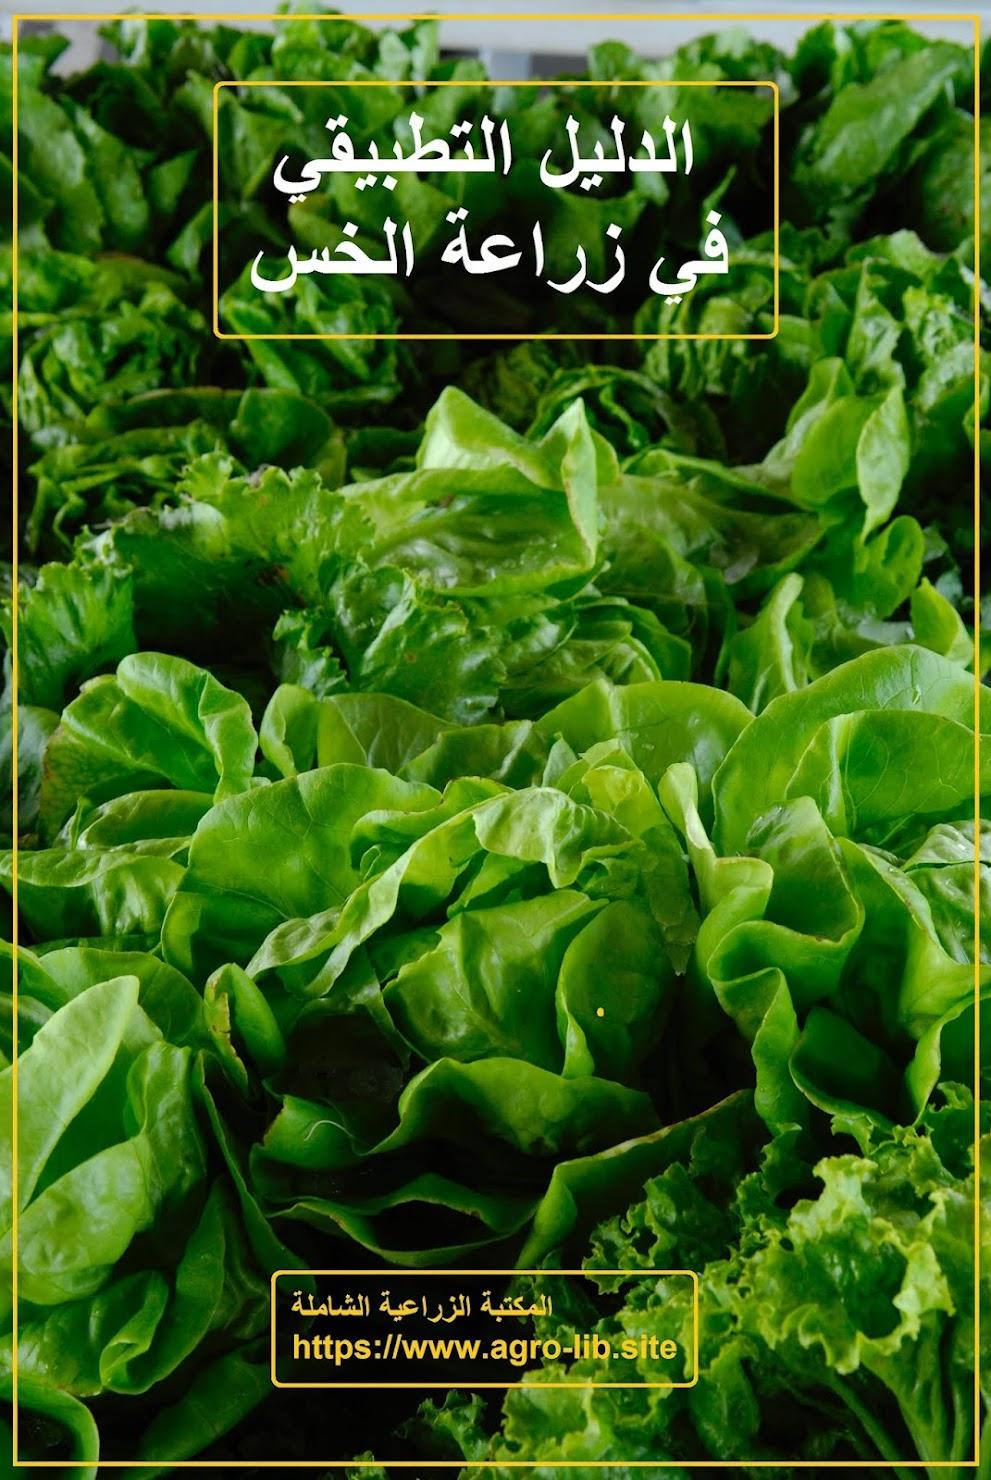 كتاب : الدليل اتطبيقي في زراعة الخس